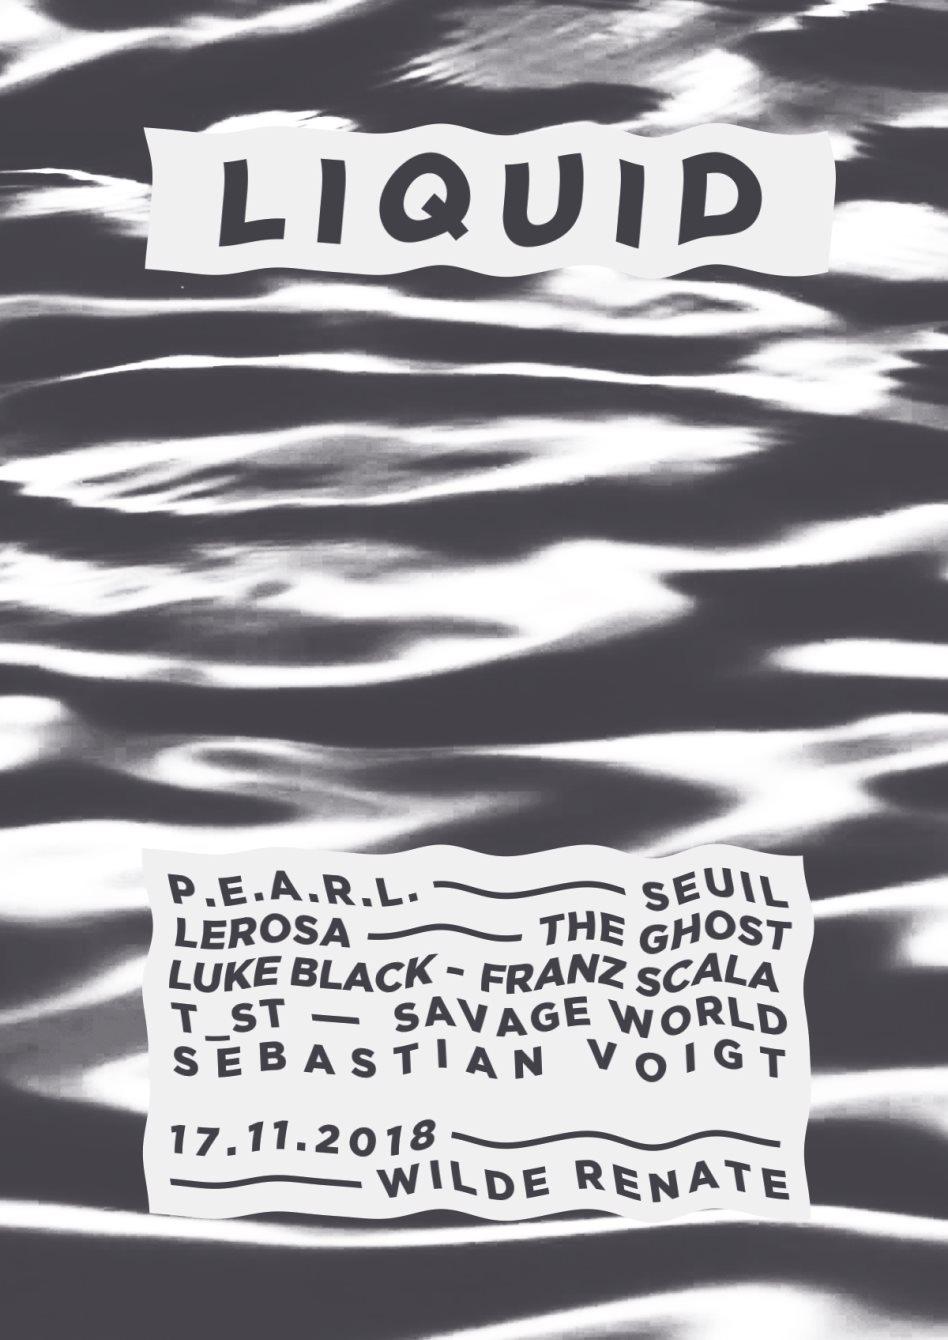 Liquid w. P.E.A.R.L., Seuil, Lerosa & More - Flyer front